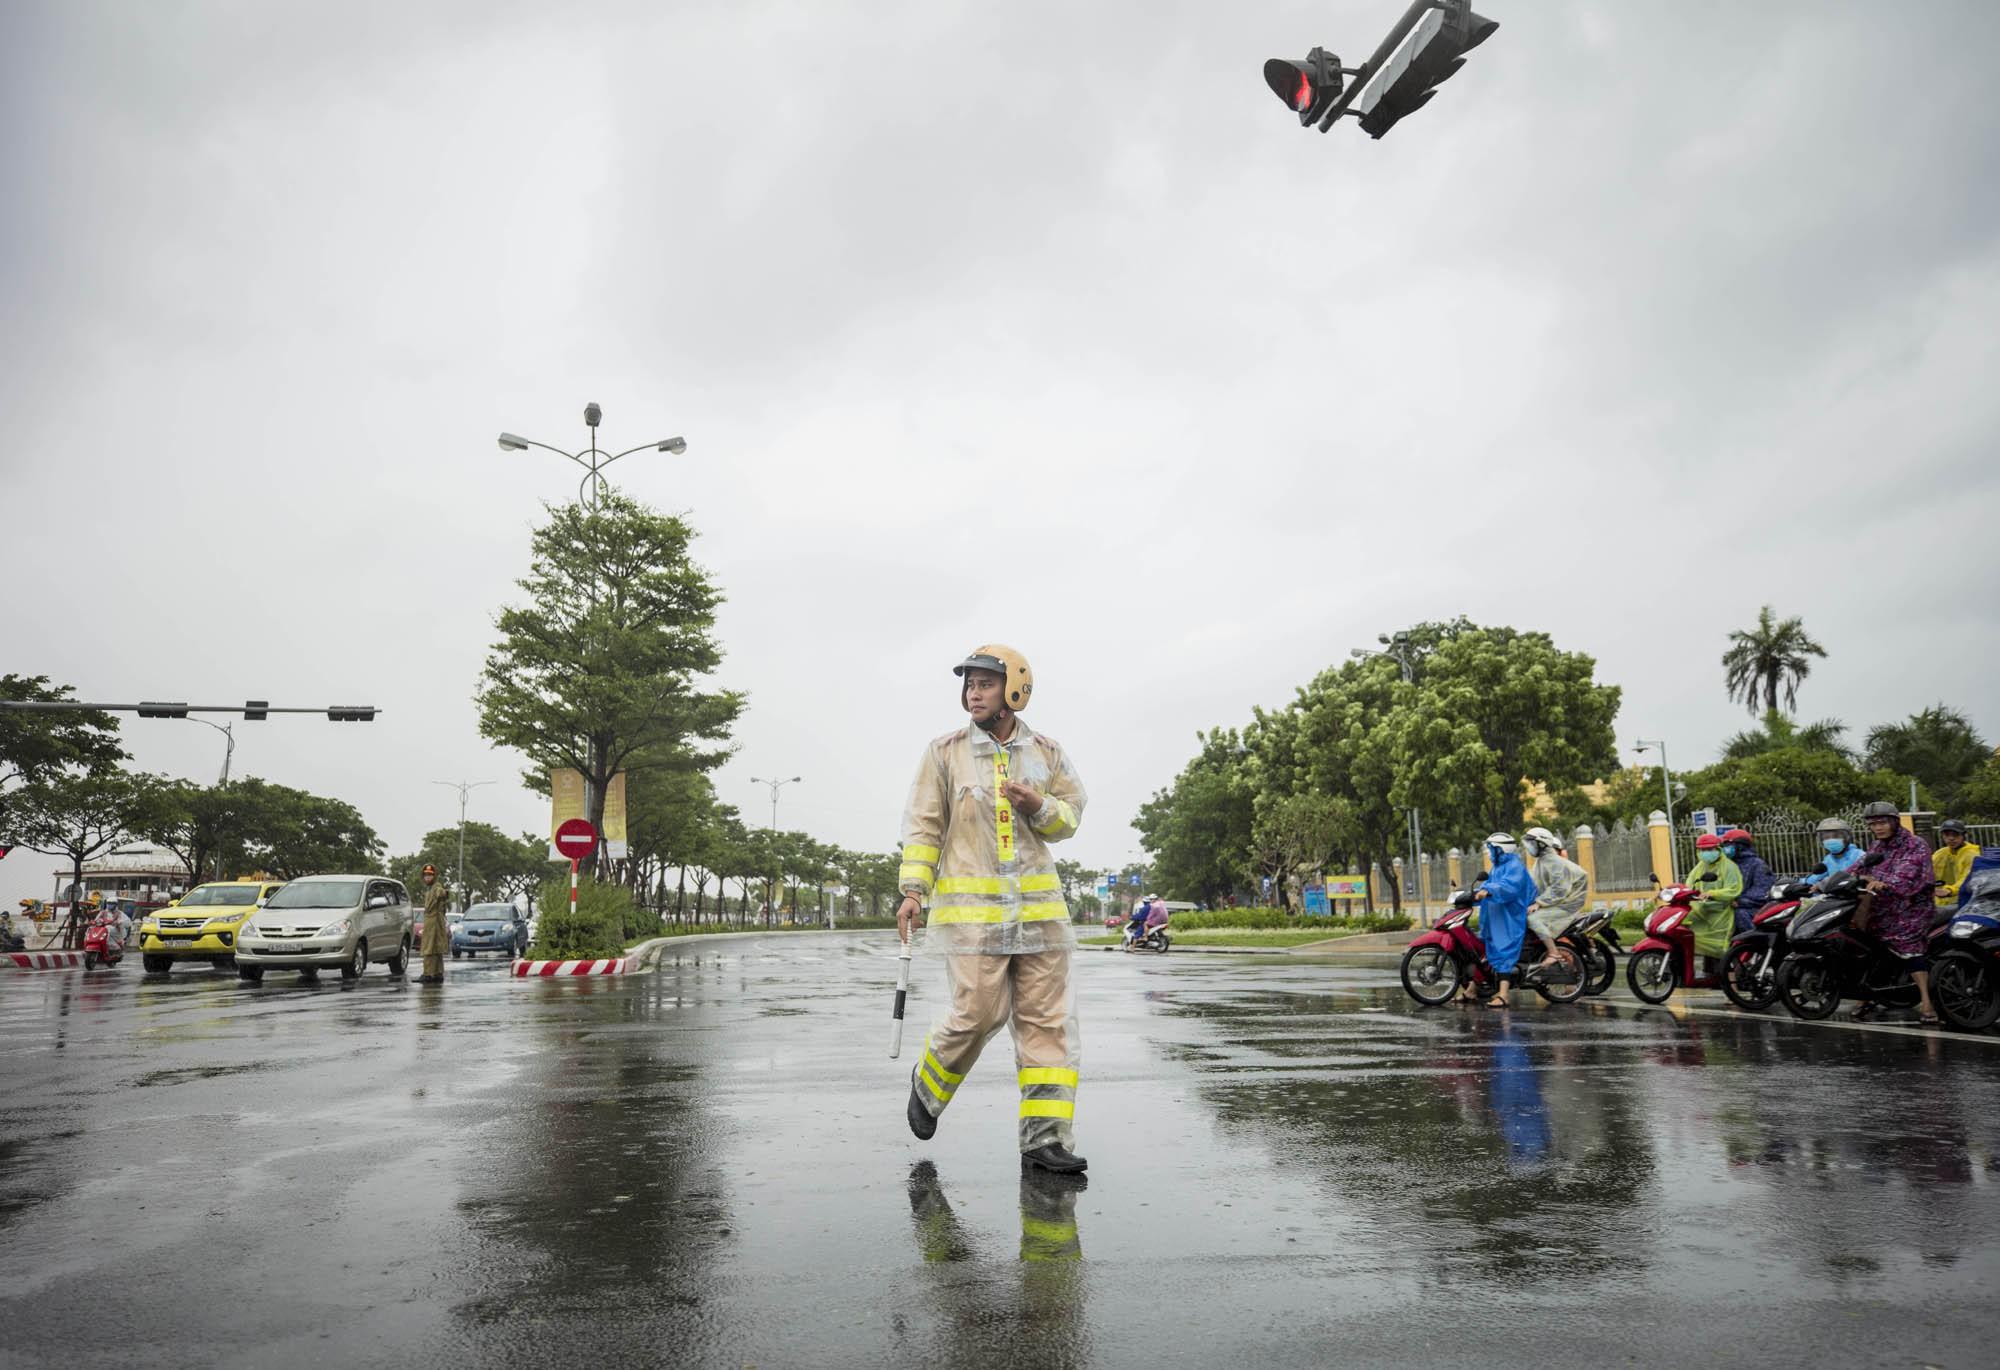 [PHOTO ESSAY] Toàn cảnh Đà Nẵng: Chạy đua với bão chuẩn bị cho khai mạc APEC - Ảnh 30.